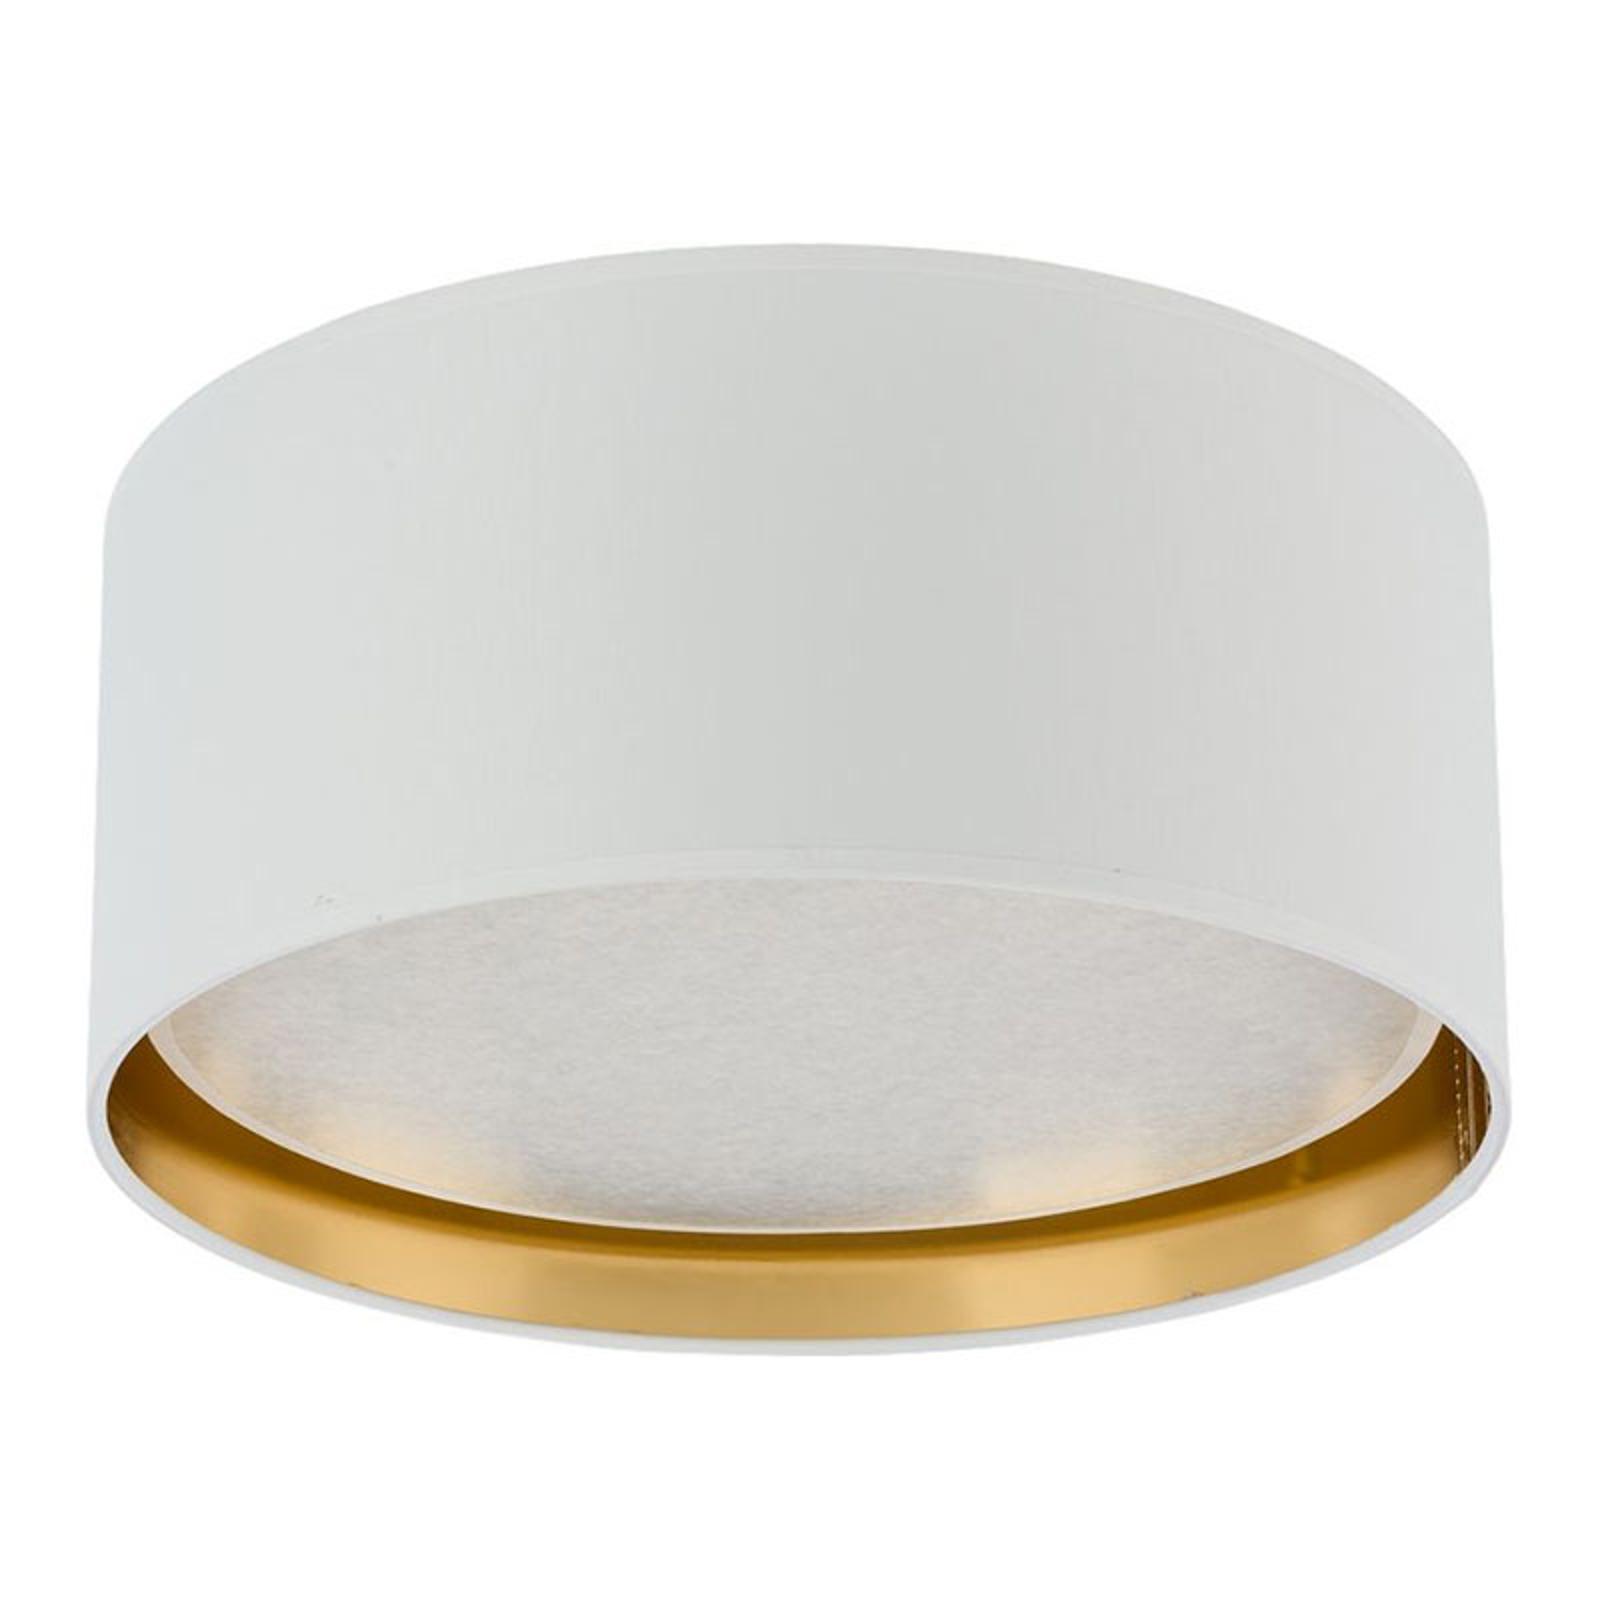 Lampa sufitowa Bilbao, Ø 45cm, biała/złota